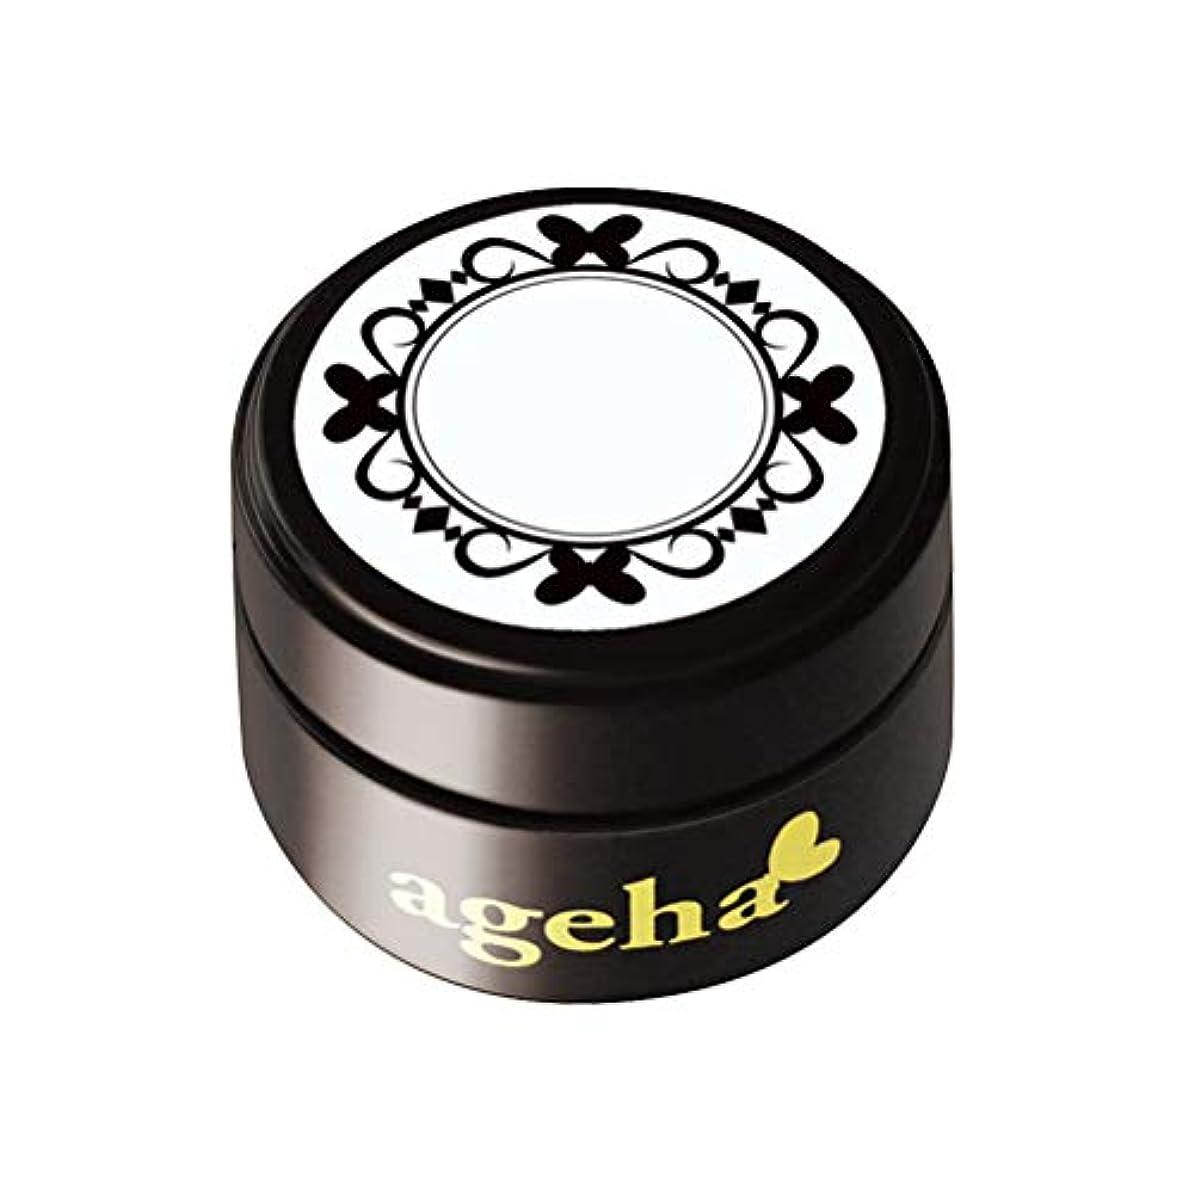 ageha コスメカラー 417 ラグジュエル ミア グリッター 2.7g UV/LED対応